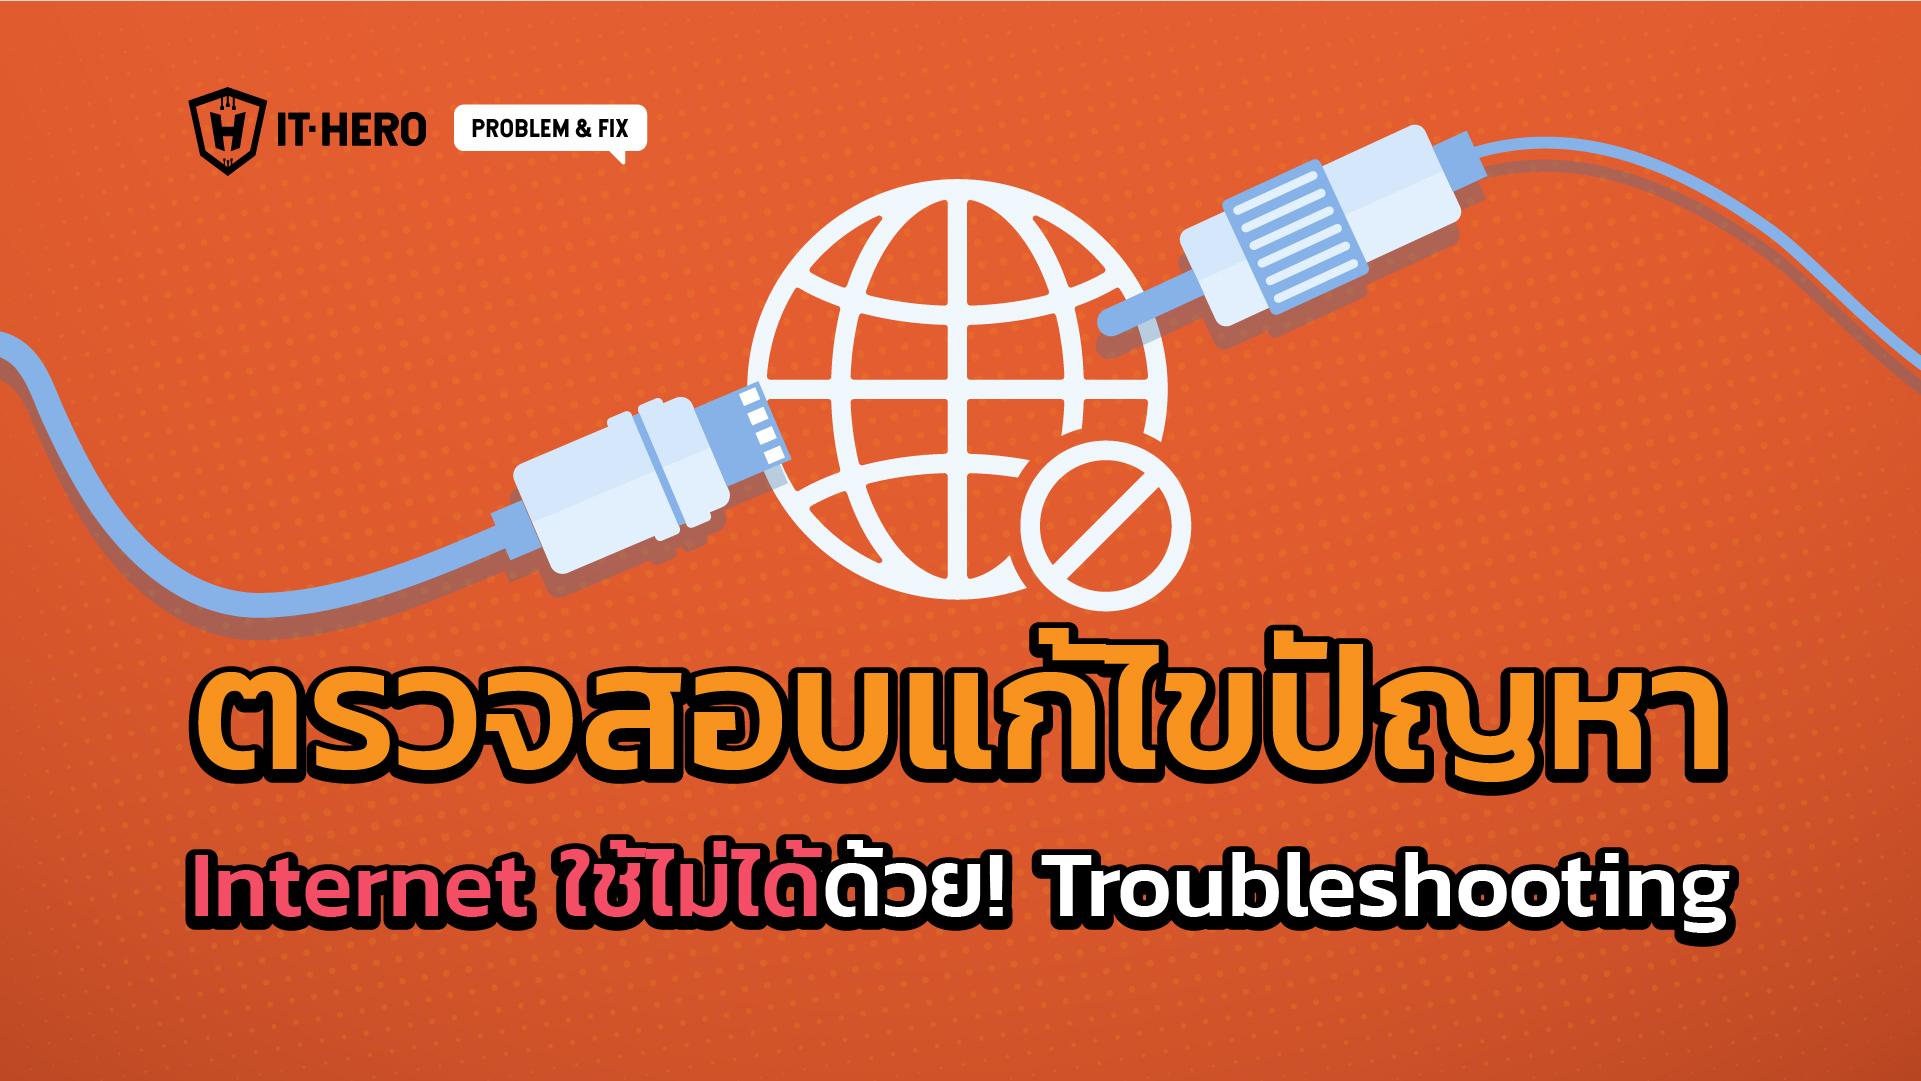 ตรวจสอบและแก้ไขปัญหาการใช้งานอินเทอร์เน็ตเบื้องต้นด้วย troubleshooting problems